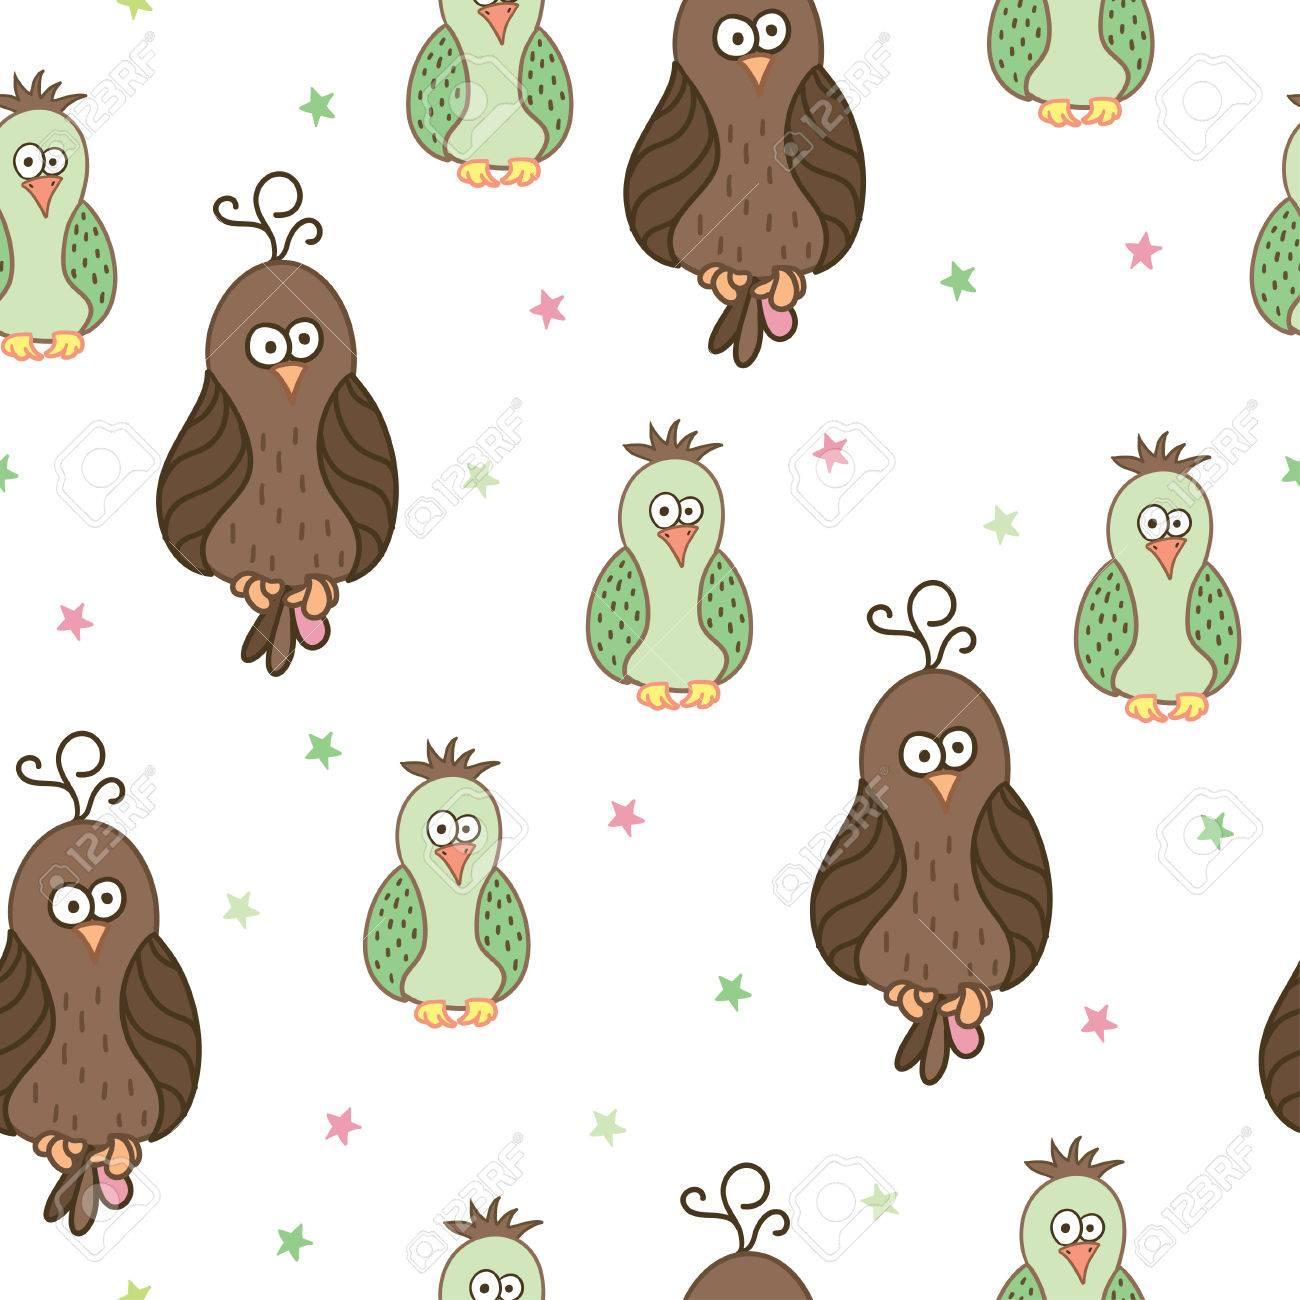 Patrón Sin Costuras Con Aves Lindas De Dibujos Animados. Se Puede ...